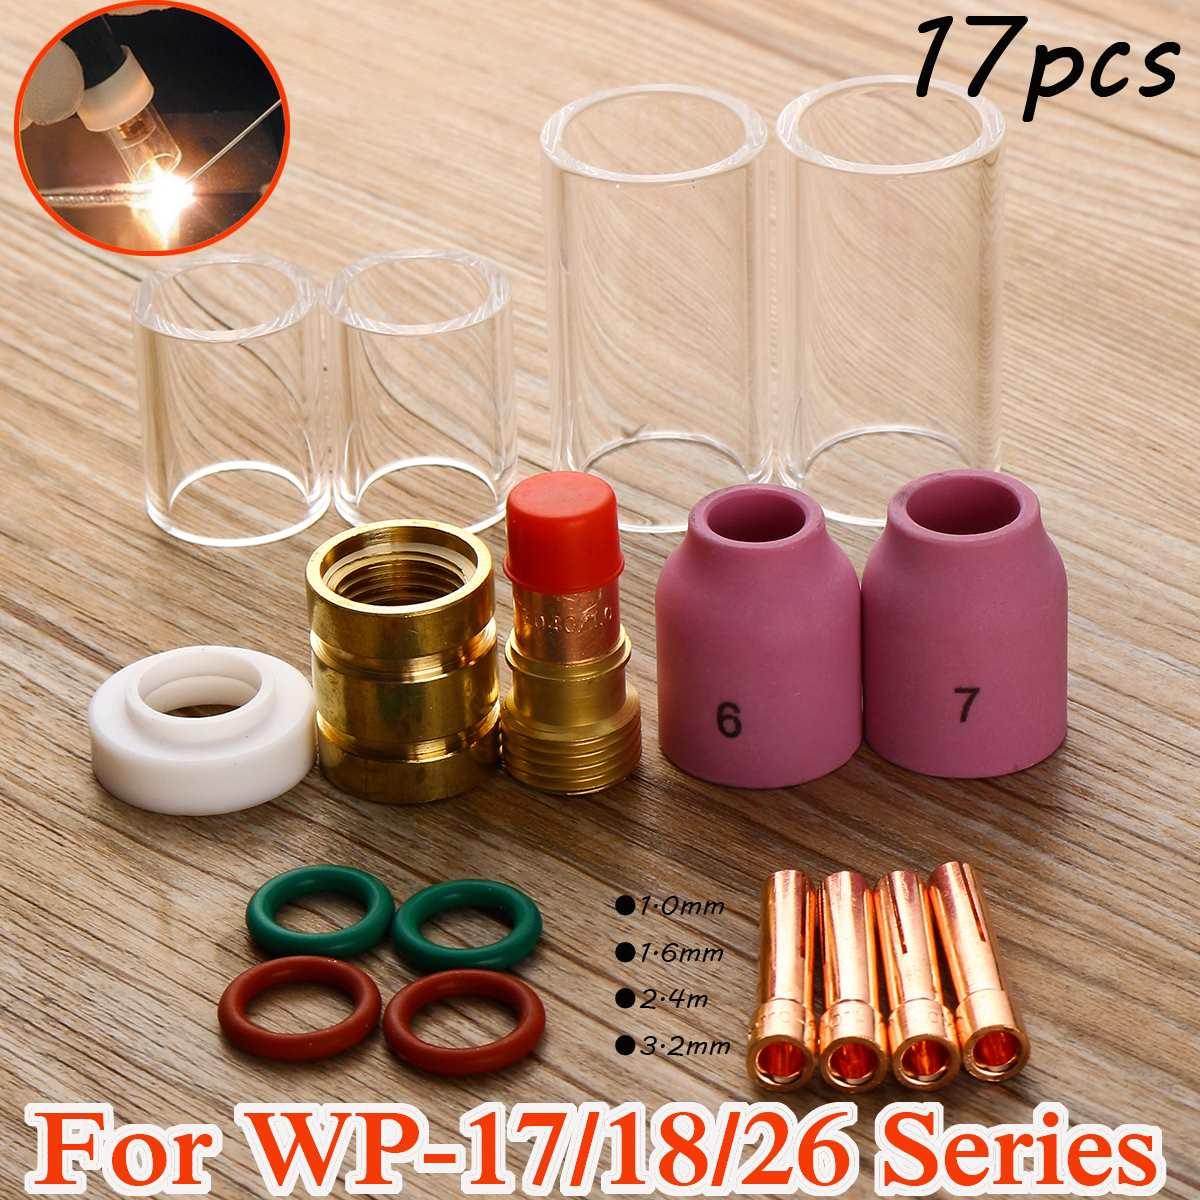 Nouveau 17 Pcs 1.0mm/1.6mm/2.4mm/3.2mm TIG Torche De Soudage Tronqué Gaz Objectif isolant Collet Corps Accessoires pour WP-17/18/26 Série